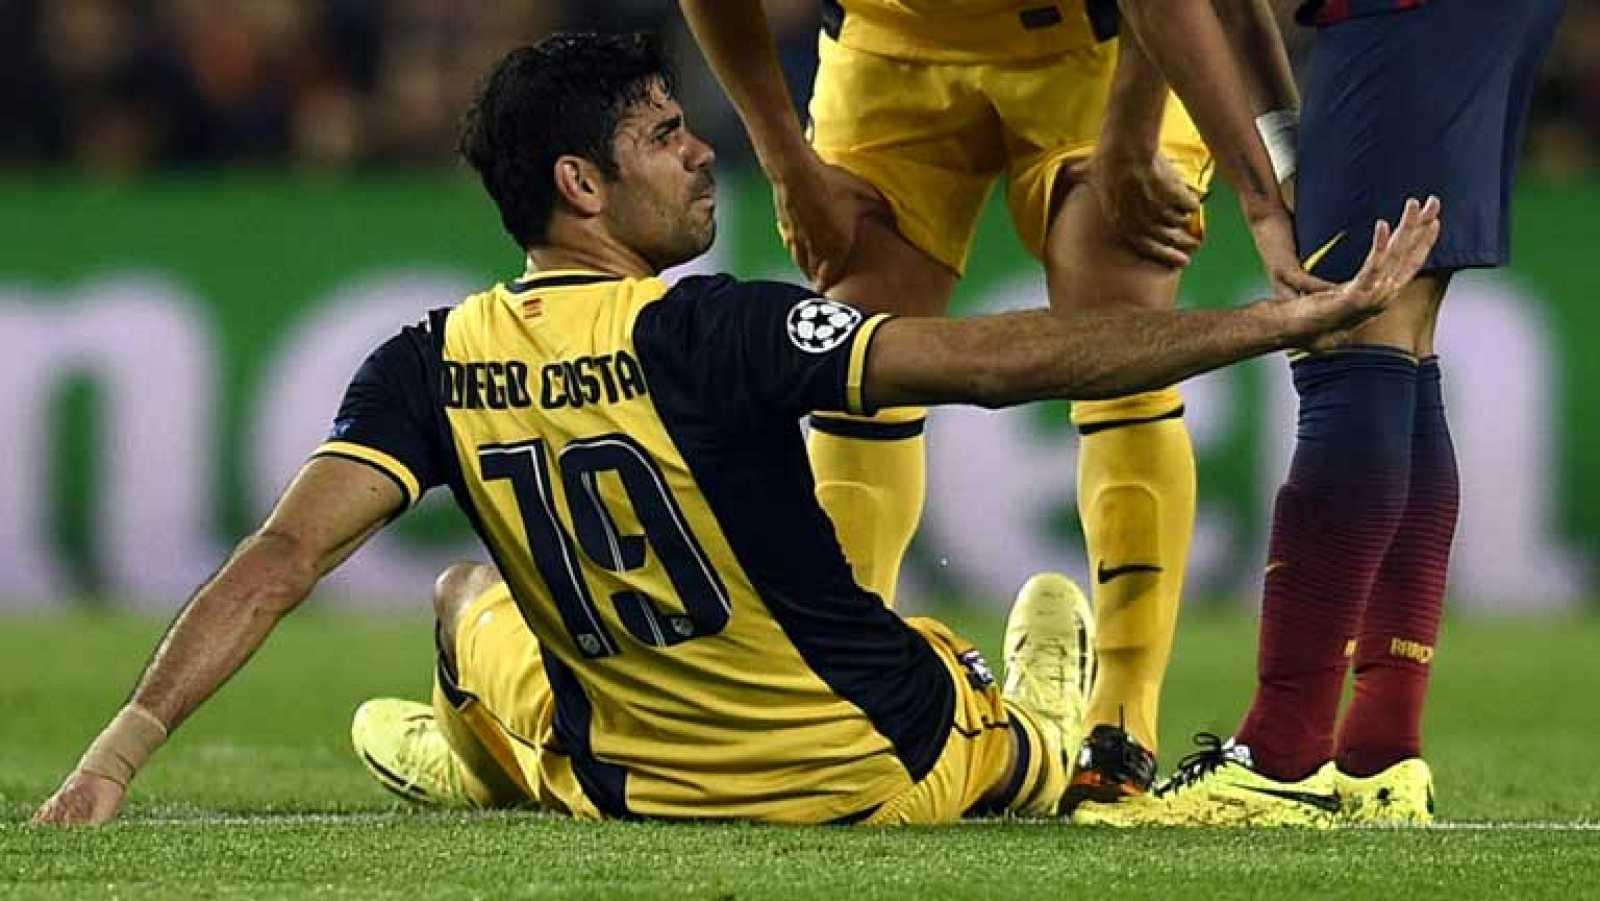 El delantero hispanobrasileño Diego Costa ha tenido que ser cambiado en el minuto 30 del partido Barça-Atlético de Madrid, al notar un pinchazo en los músculos isquiotibiales de la cara posterior del muslo derecho, hecho que ha confirmado que el juga